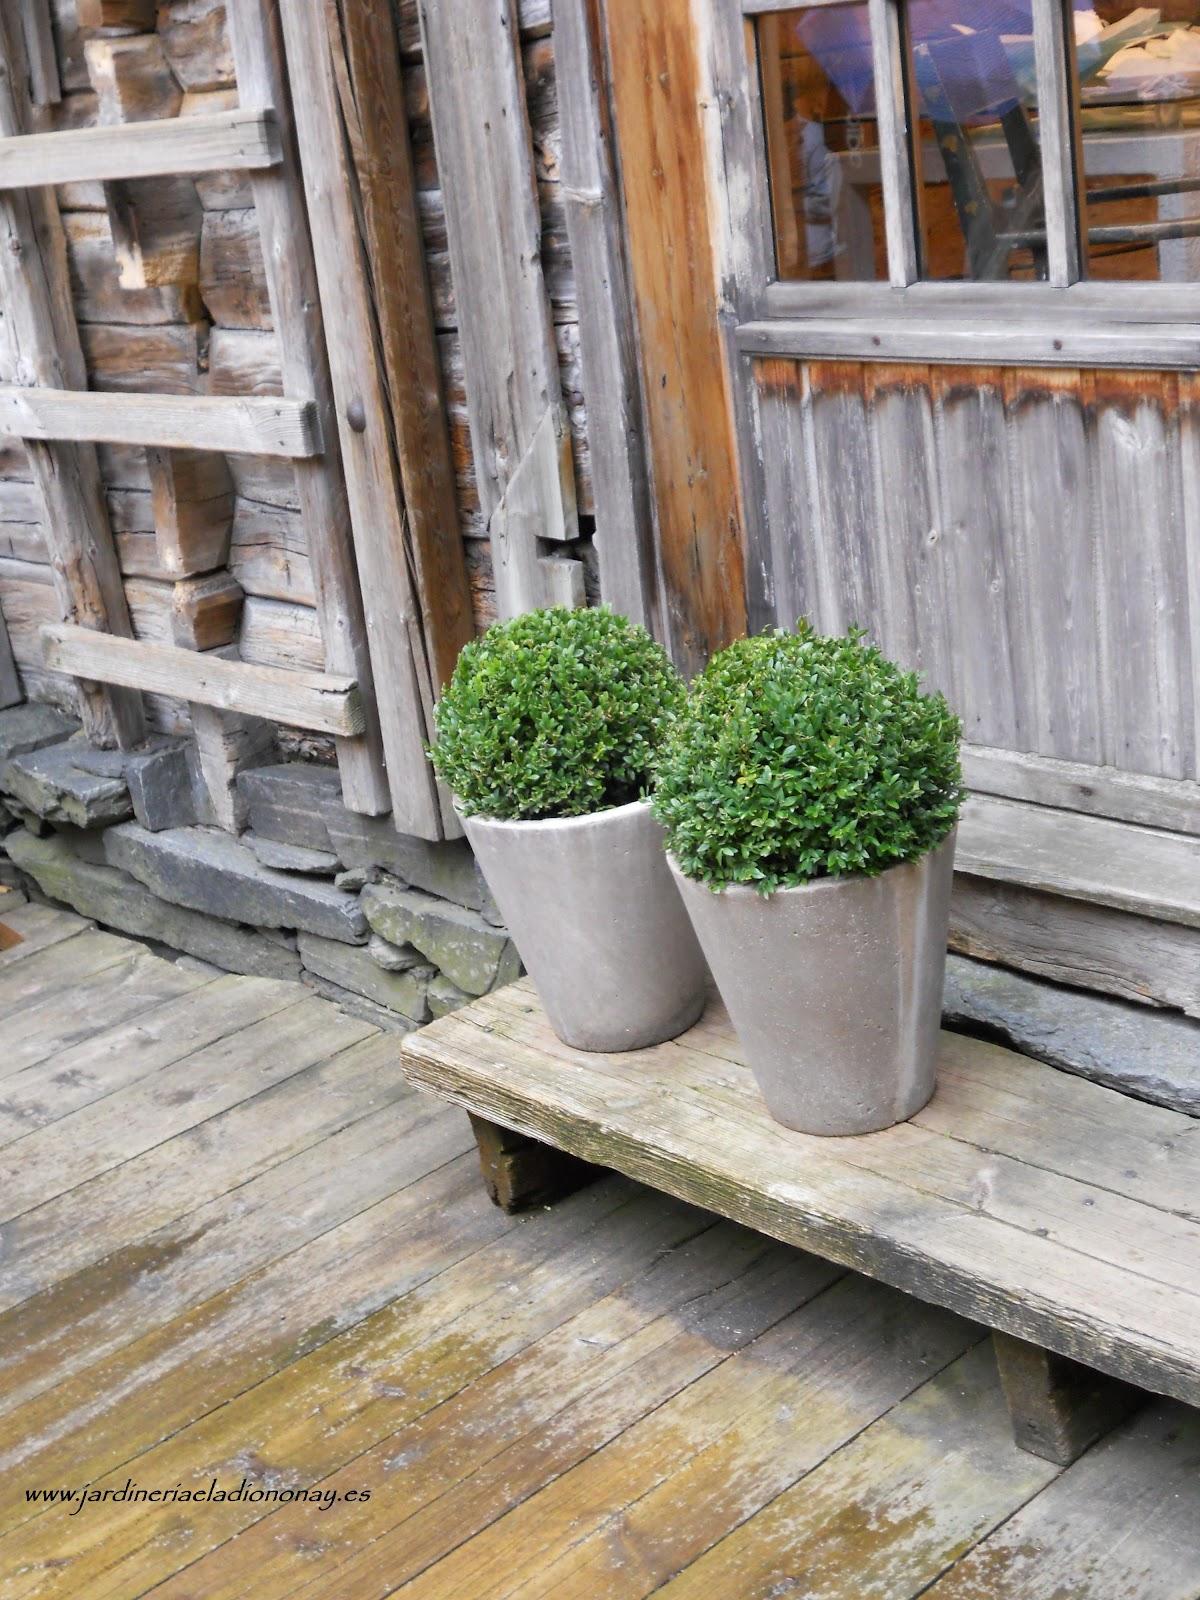 Jardineria eladio nonay el efecto cautivador de los - Tiestos de madera ...